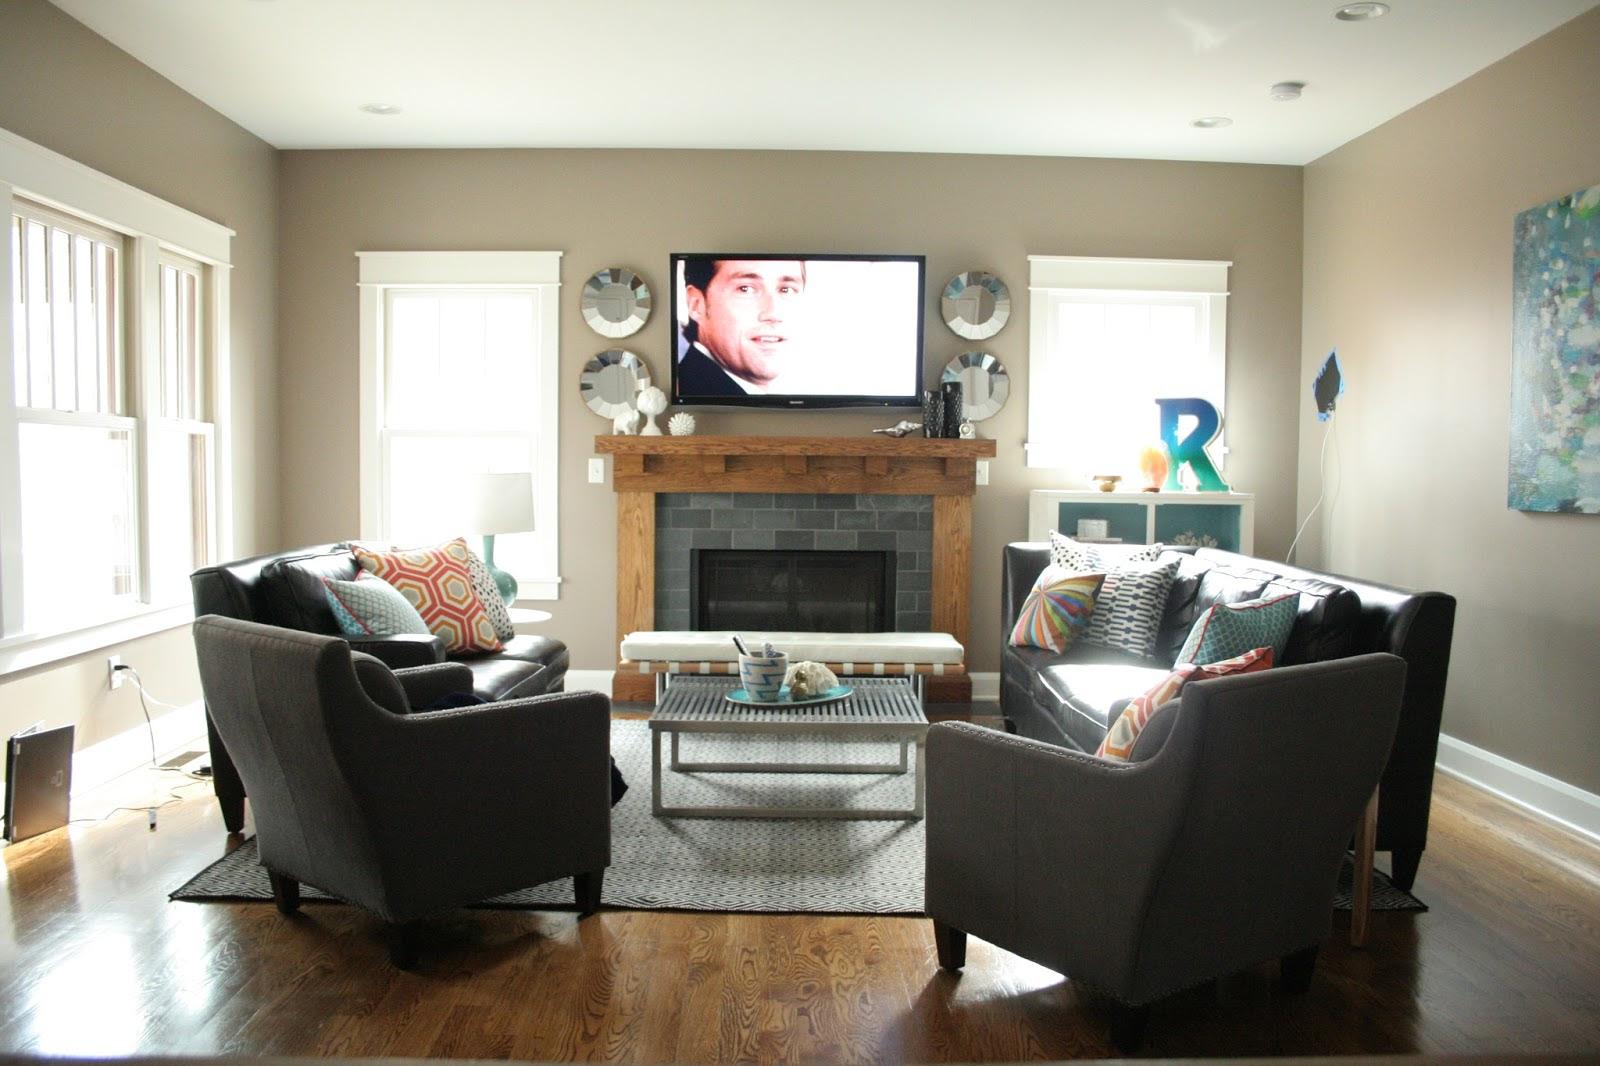 Living Room Furniture Arrangement Homesfeed